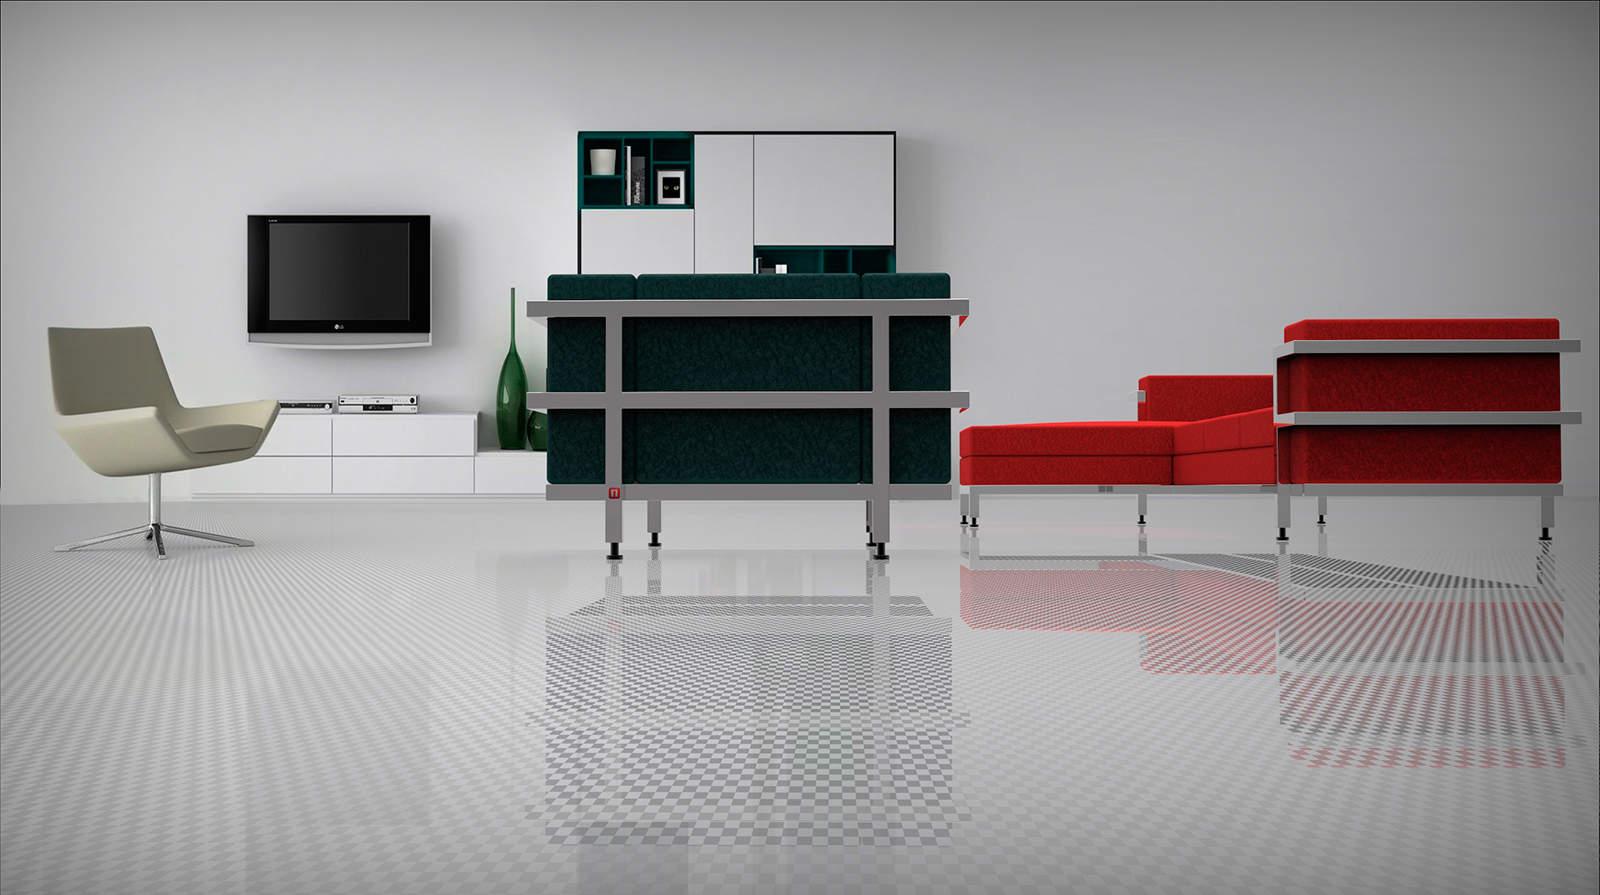 Mobilia design dise o de mobiliario contempor neo for Mobiliario contemporaneo